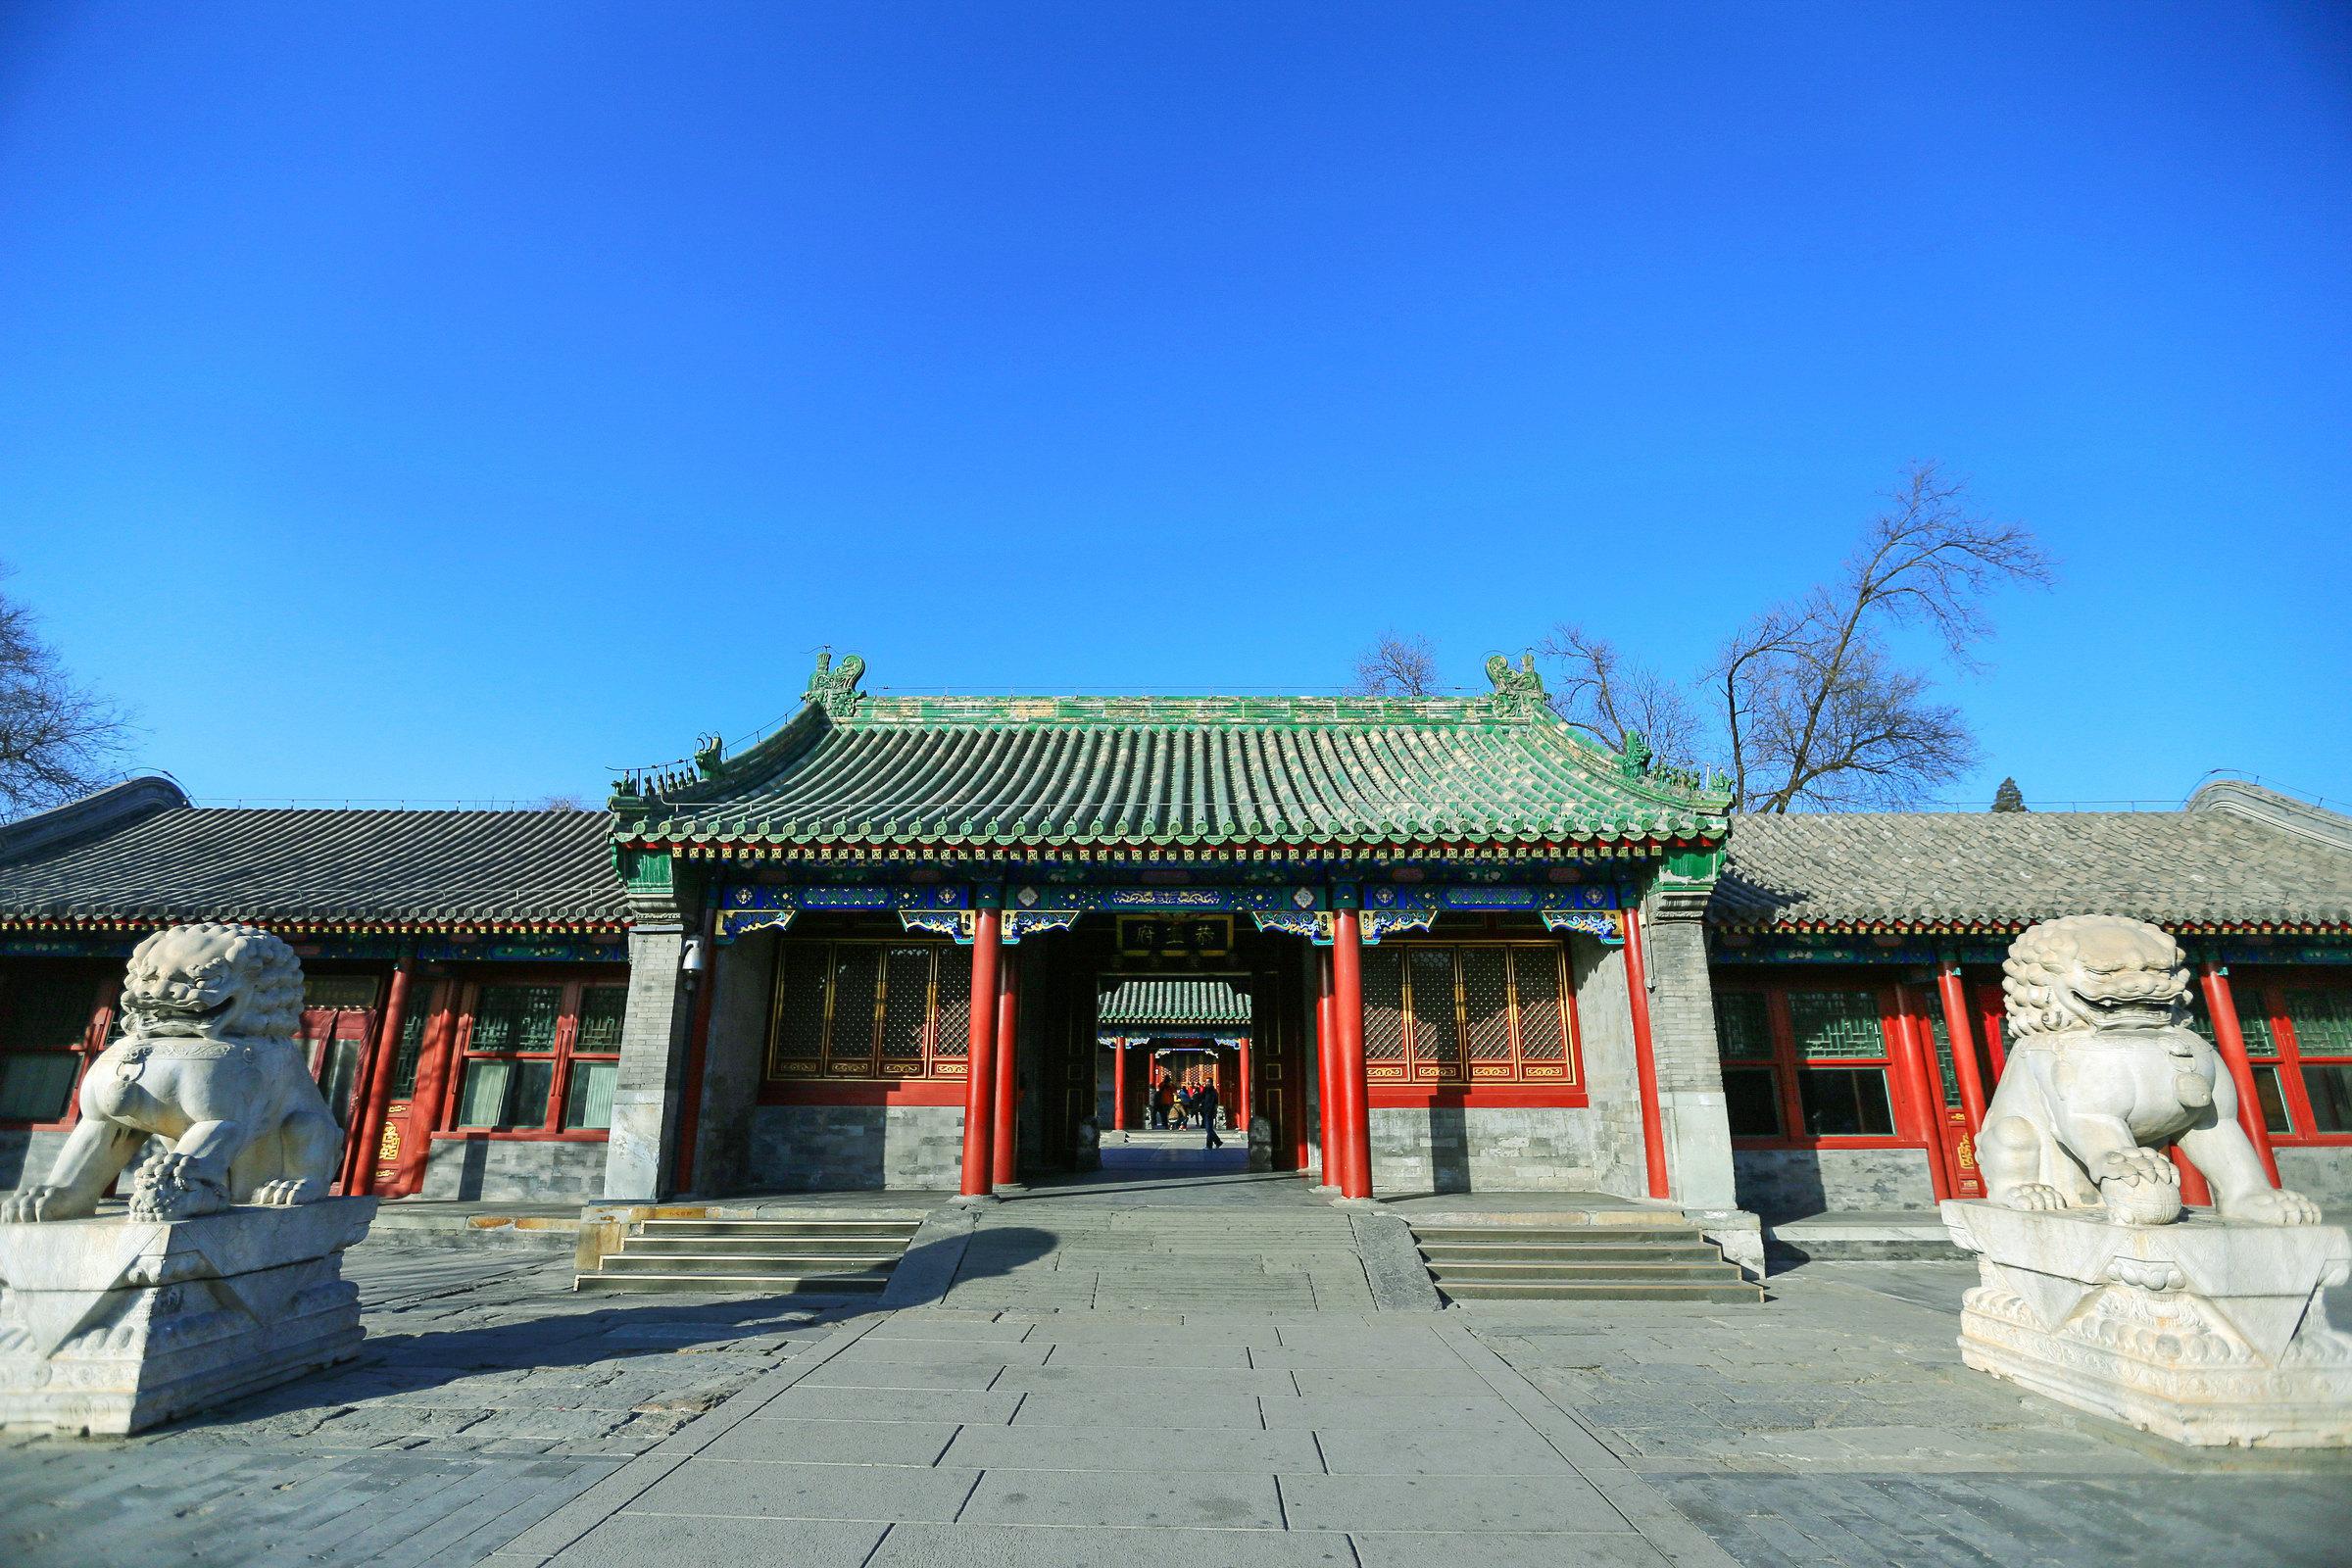 地址: 北京市西城区什刹海前海西街17号(近定阜街)恭王府内 门票名称